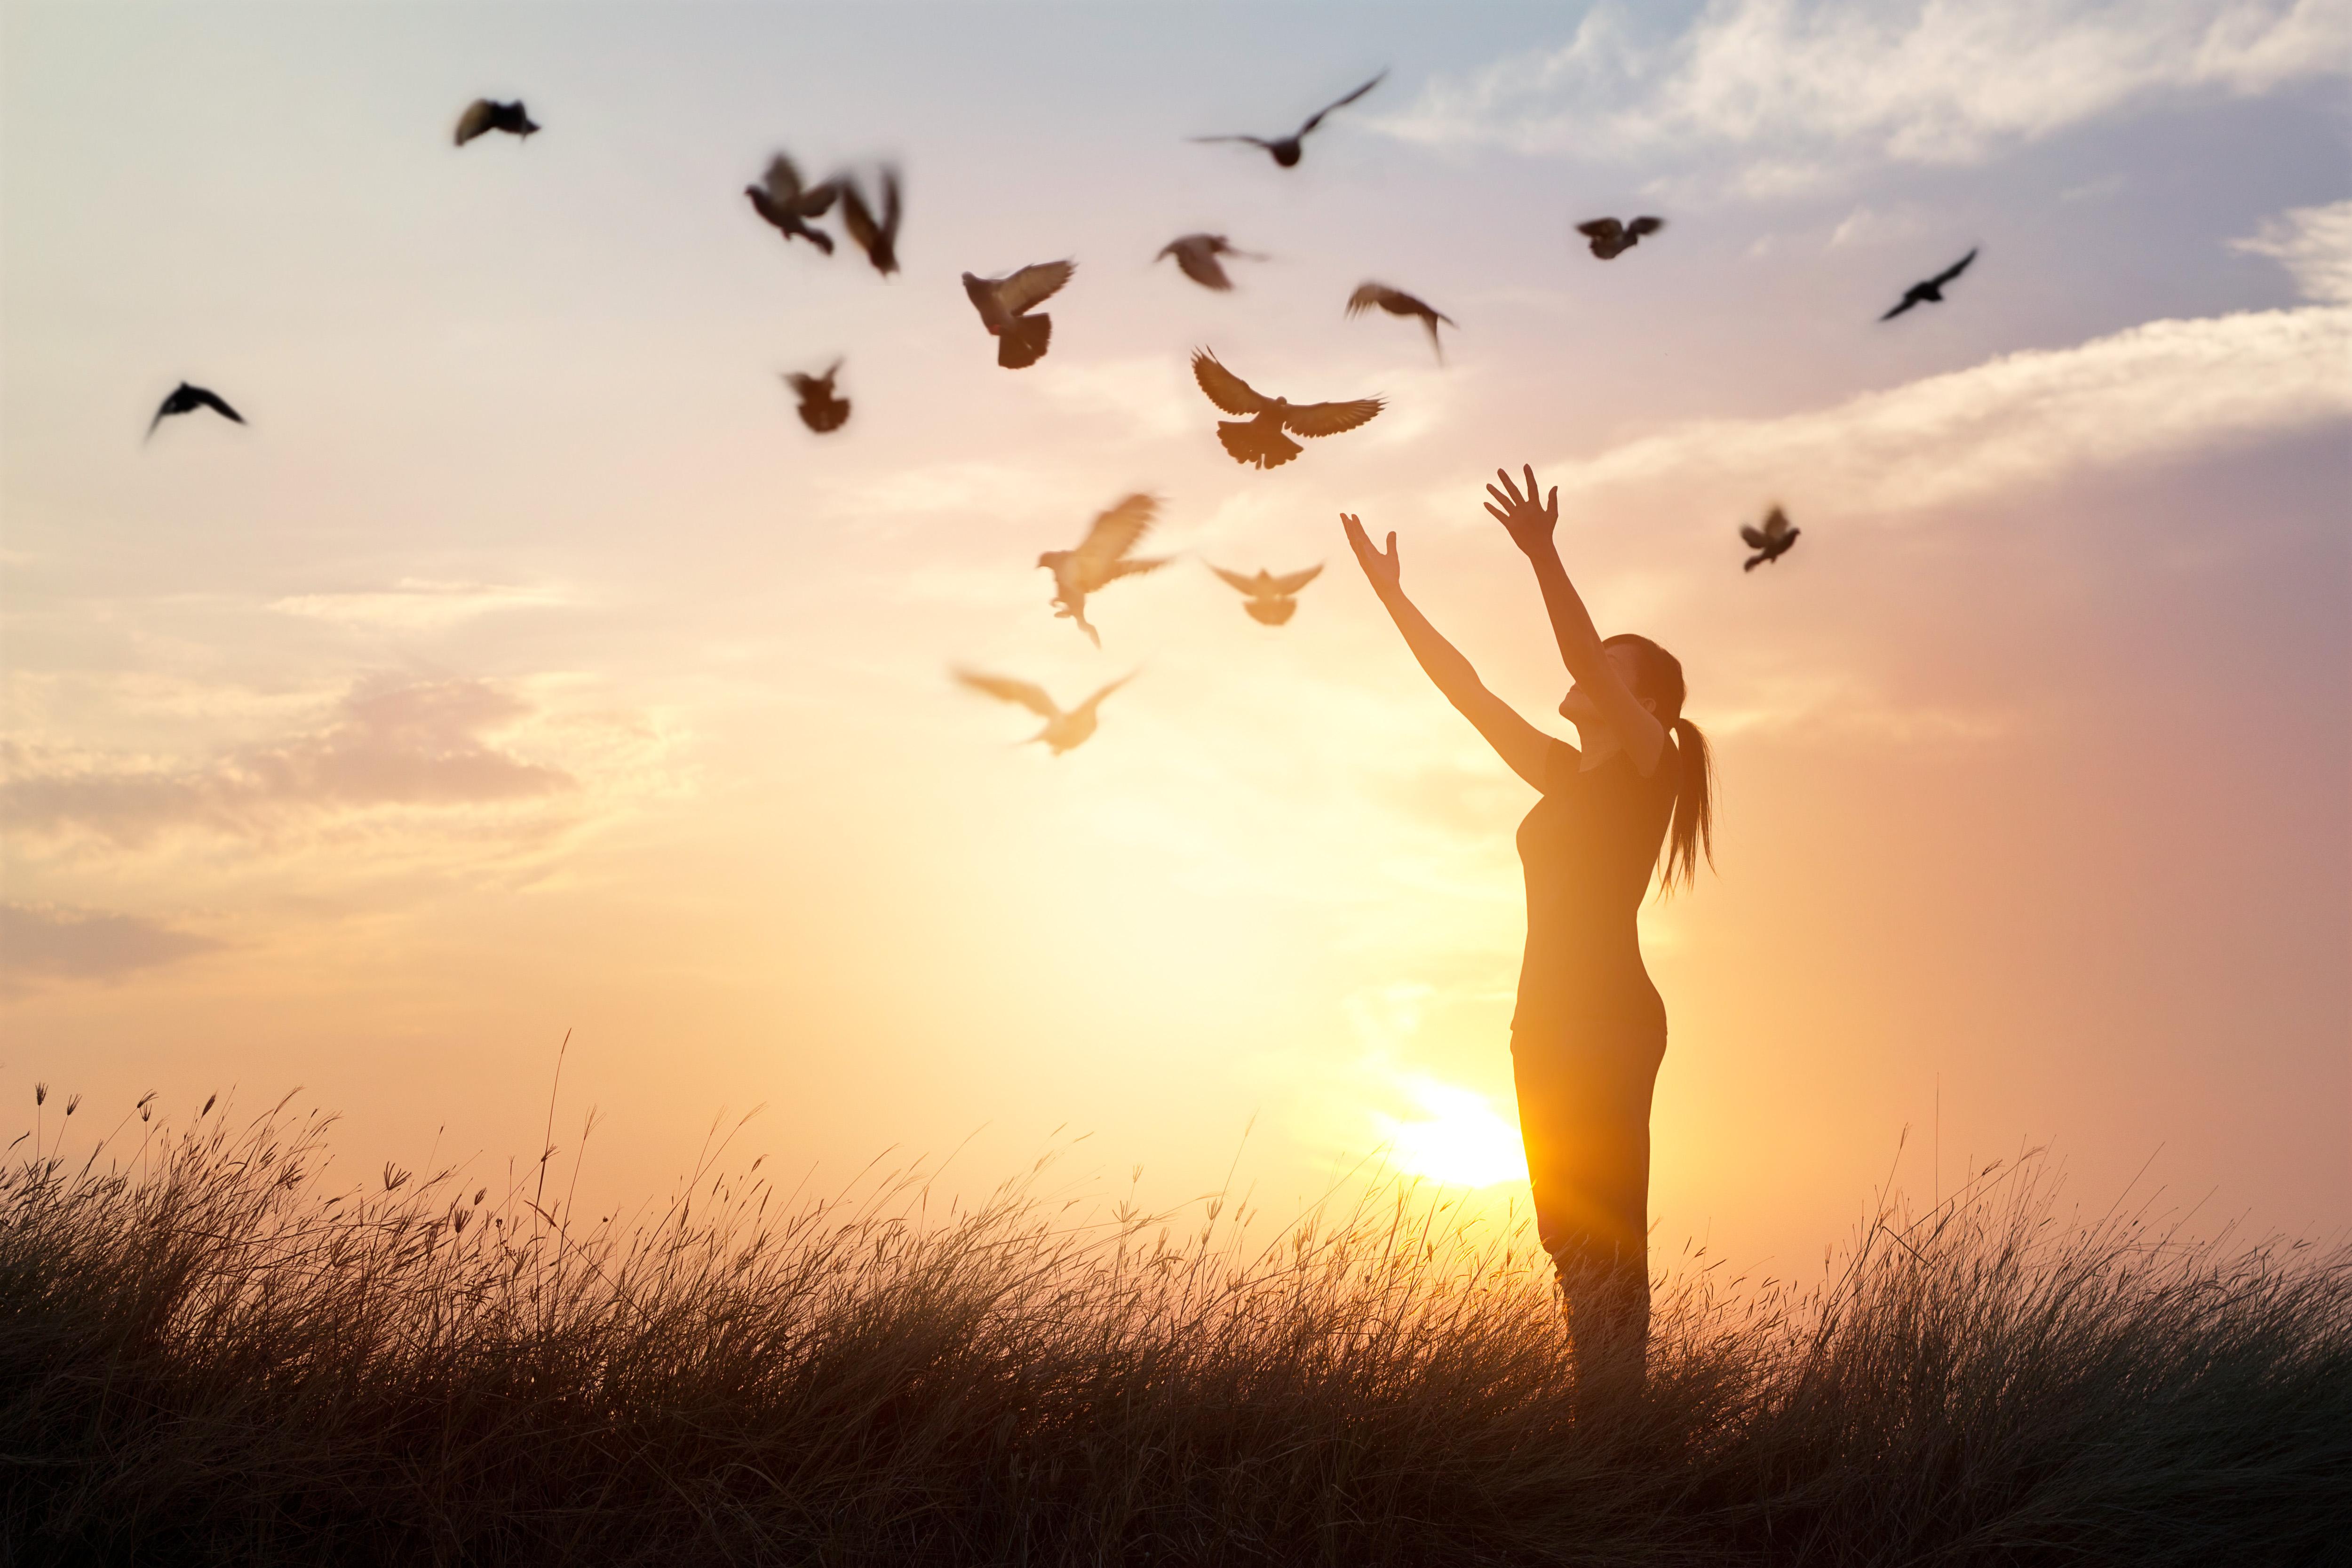 Qu'est-ce que l'hypnose spirituelle ou hypnose de régression ?